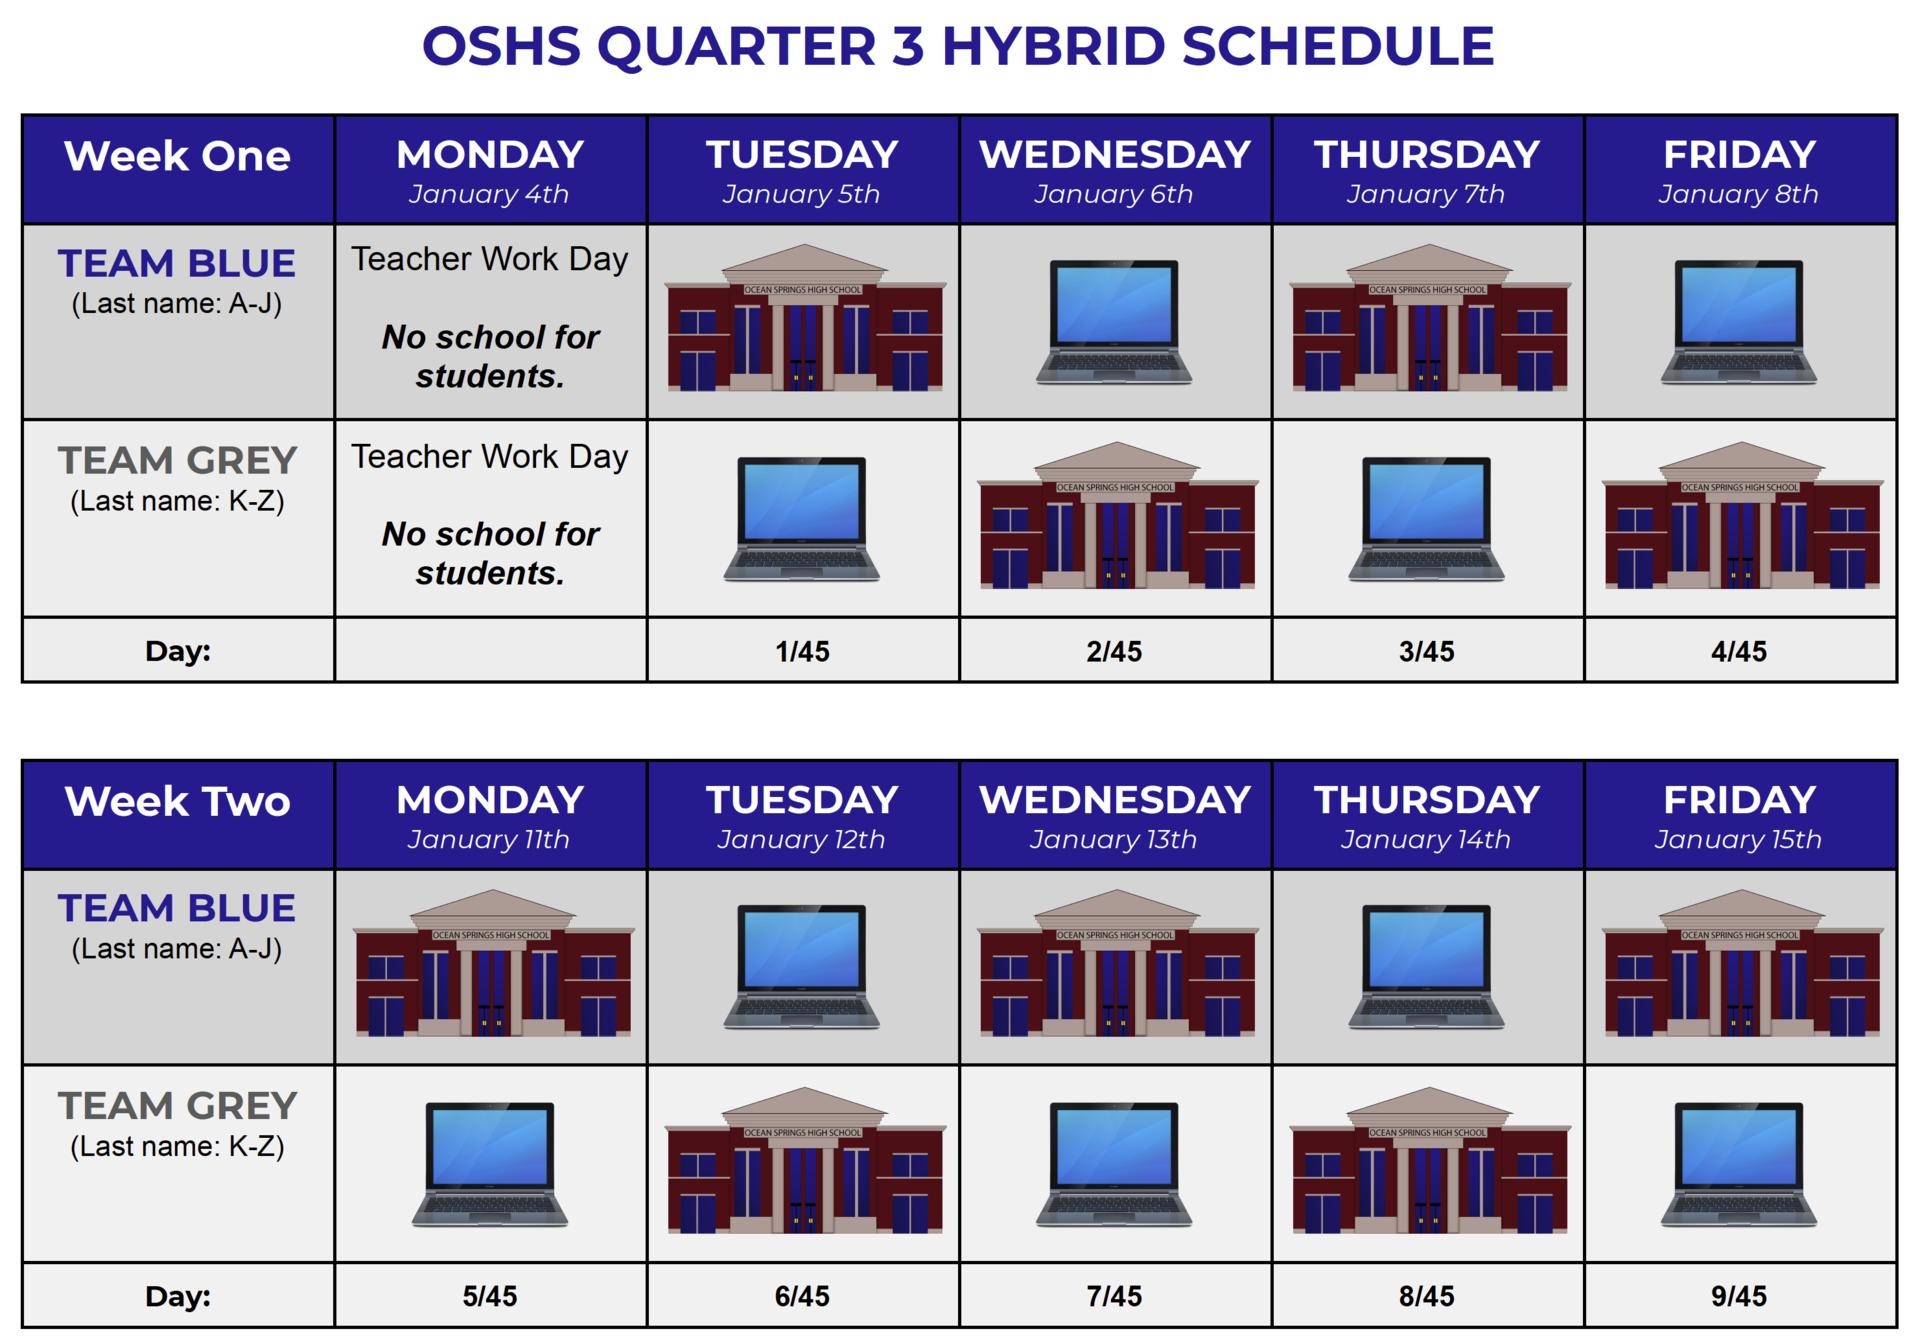 Hybrid Schedule OSHS